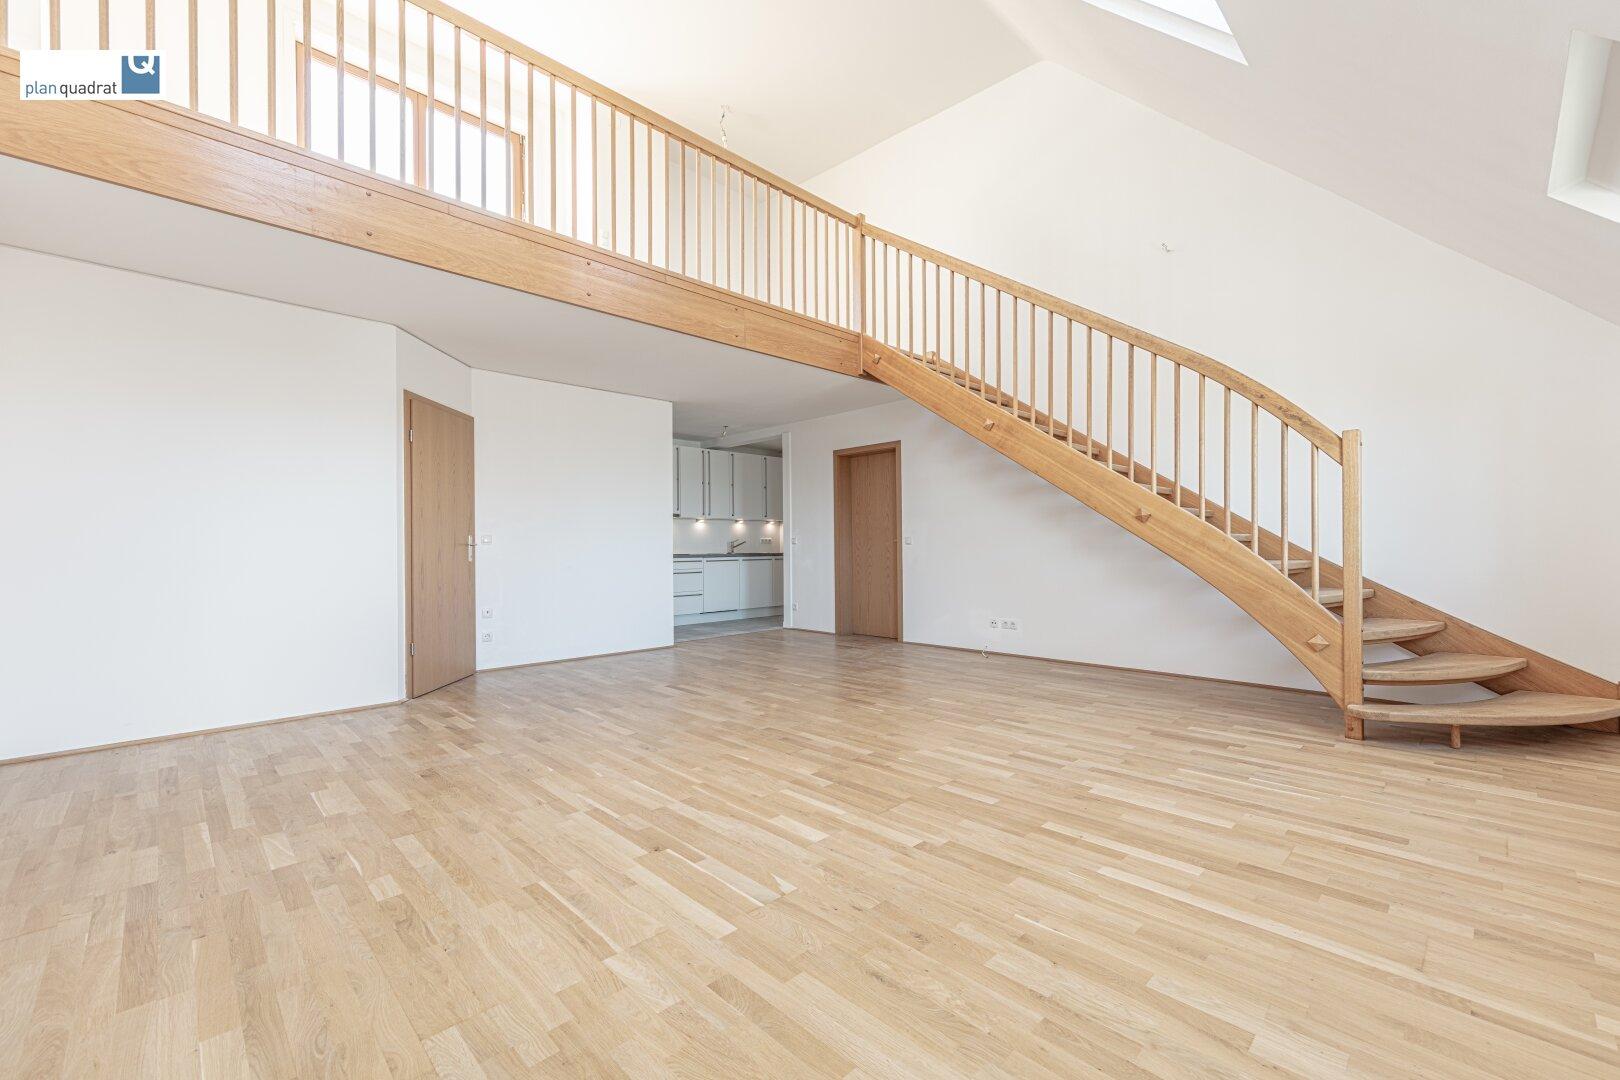 Wohn- / Esszimmer (ca. 34,90 m²) mit offen angrenzender Küche und Galerie (ca. 14,70 m²)